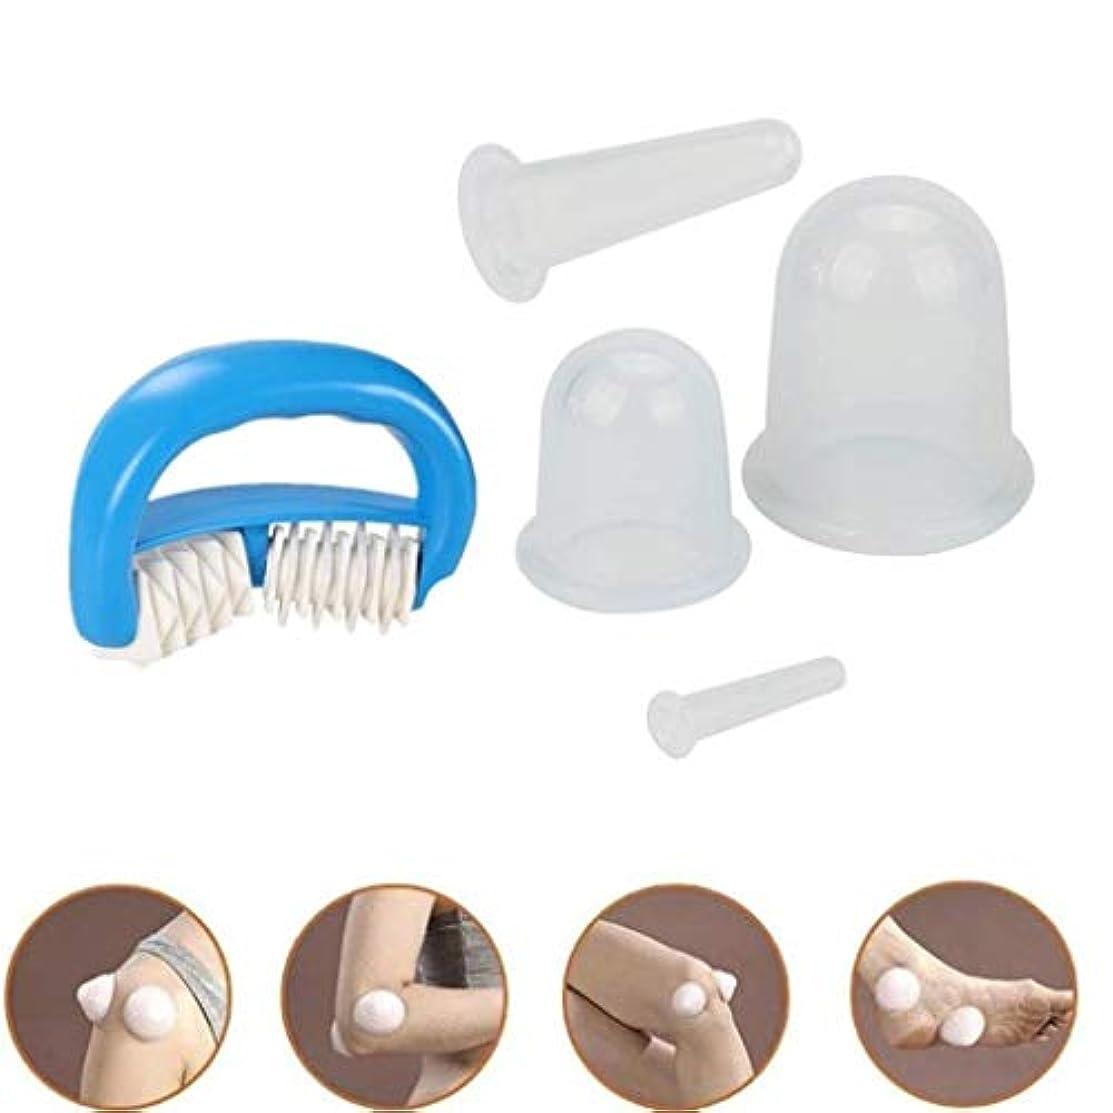 谷多用途ピーブシリコンカッピングカップ、ローラーカッピング、ポータブル、しわおよび脂肪除去ボディリンパ筋膜ファミリー真空マッサージカップをスリミングするマッサージャー